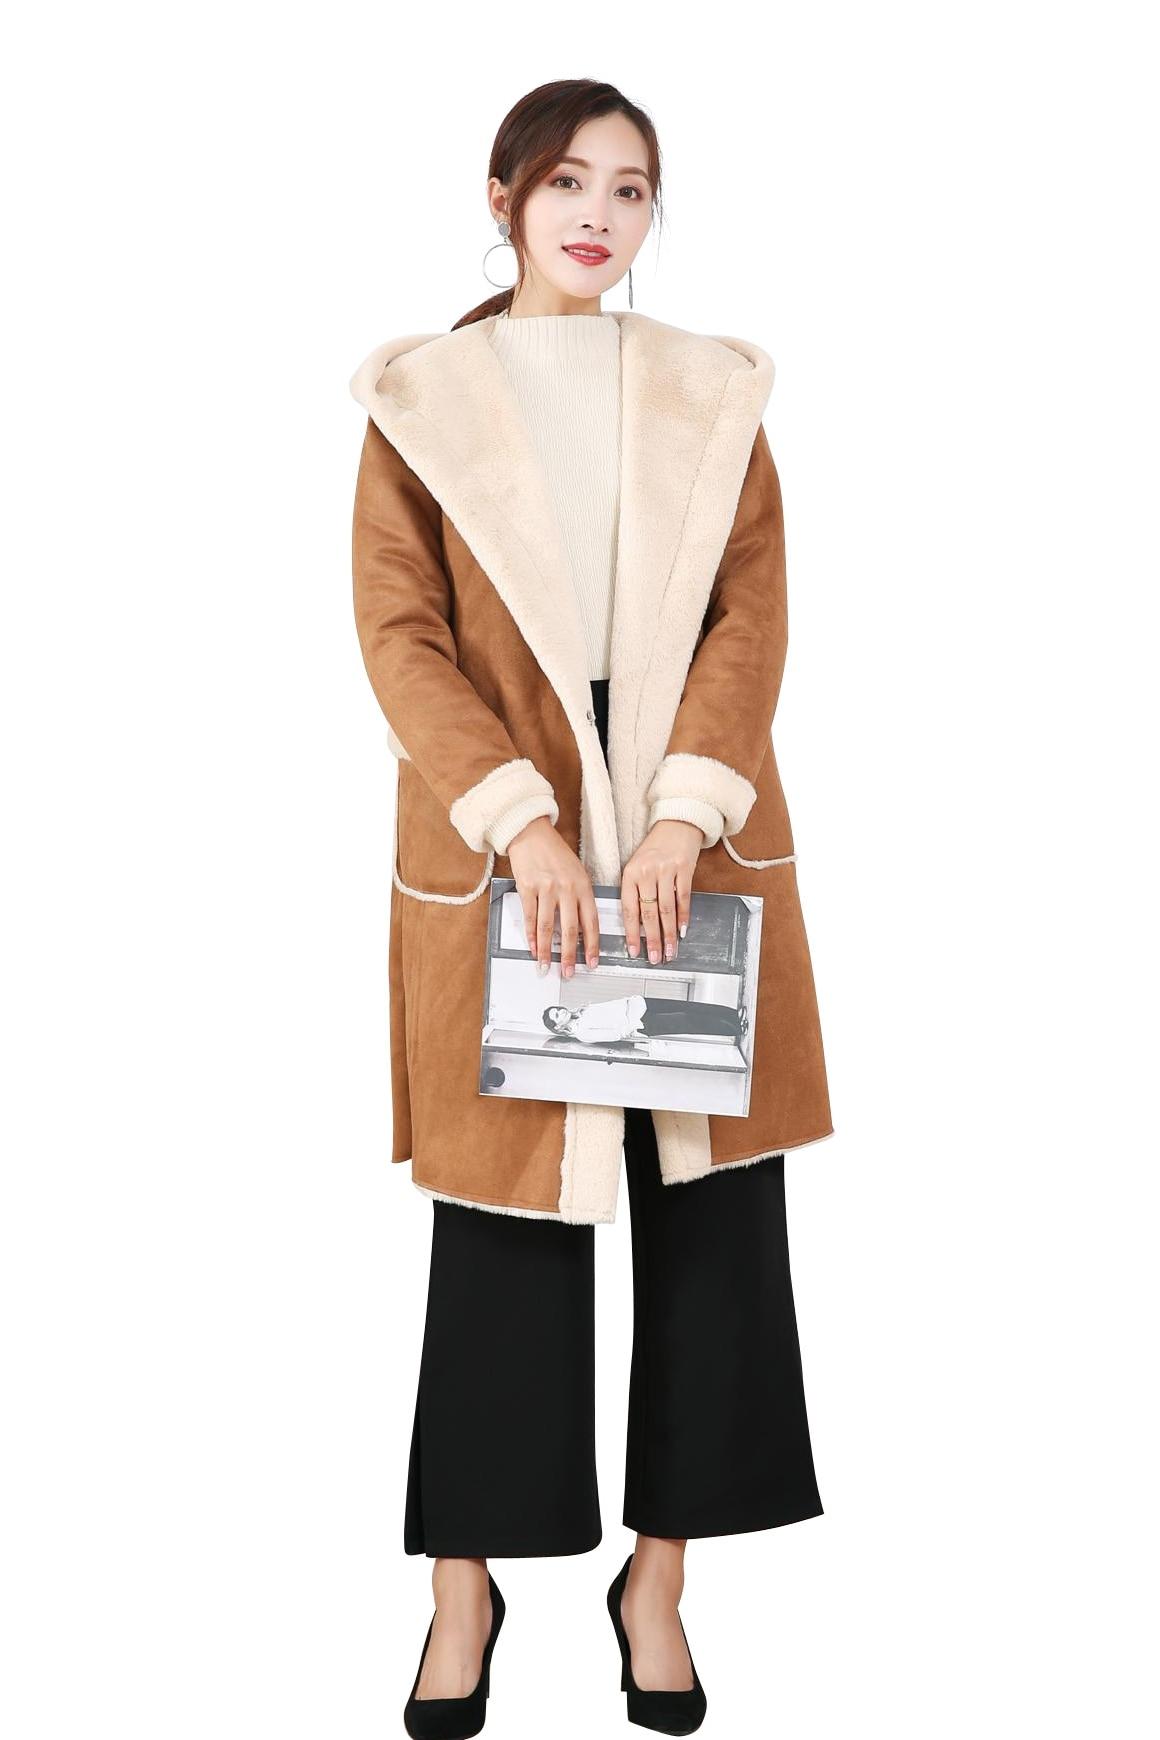 Искусственная pelzmantel Женская Корейская версия из меха пальто осень и зима Для женщин меха один мех пальто длинная куртка с секциями Кепки ол... - 6